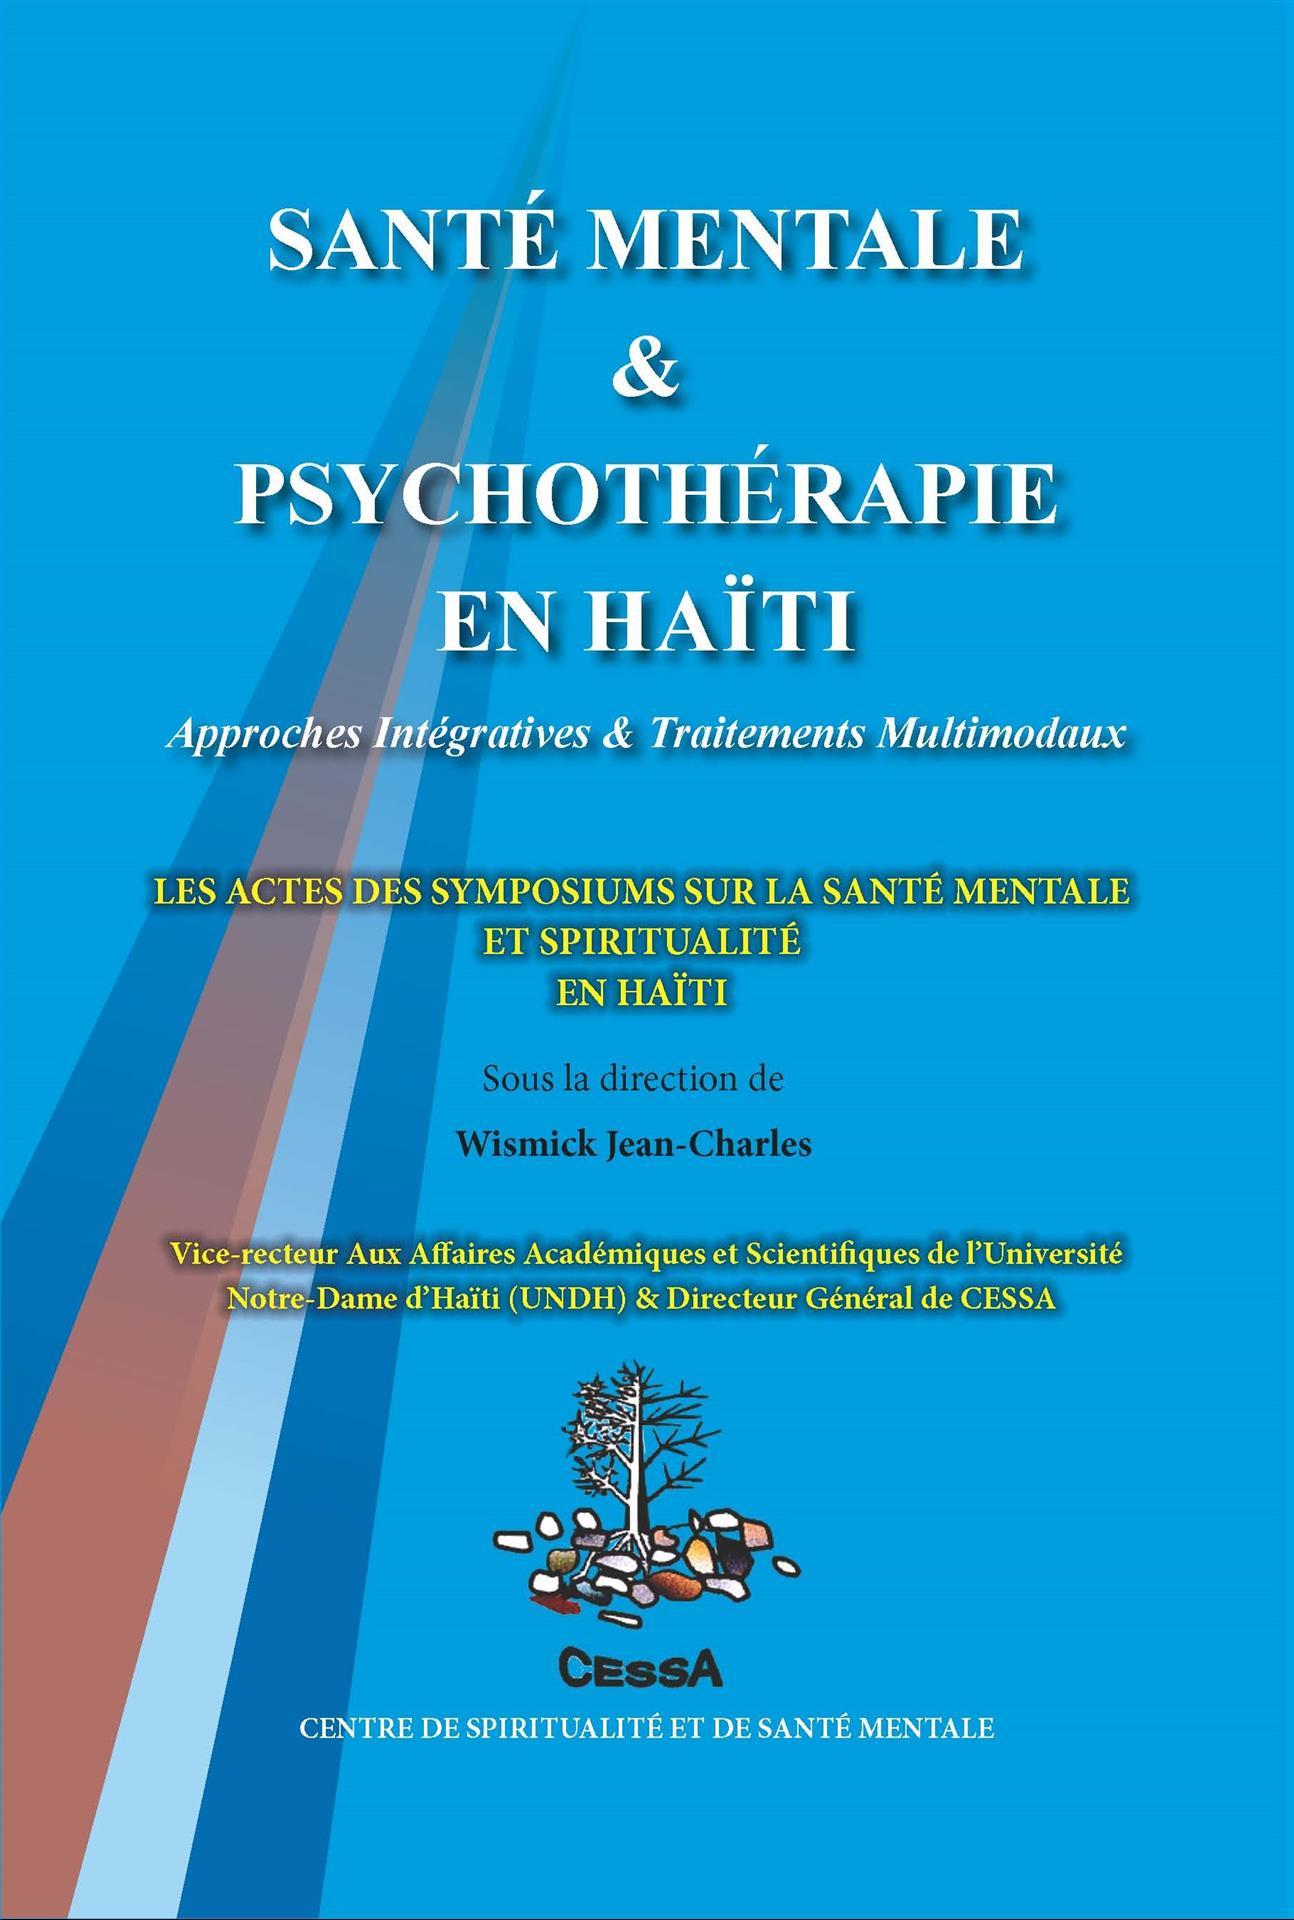 SANTÉ MENTALE & PSYCHOTHÉRAPIE EN HAÏTI